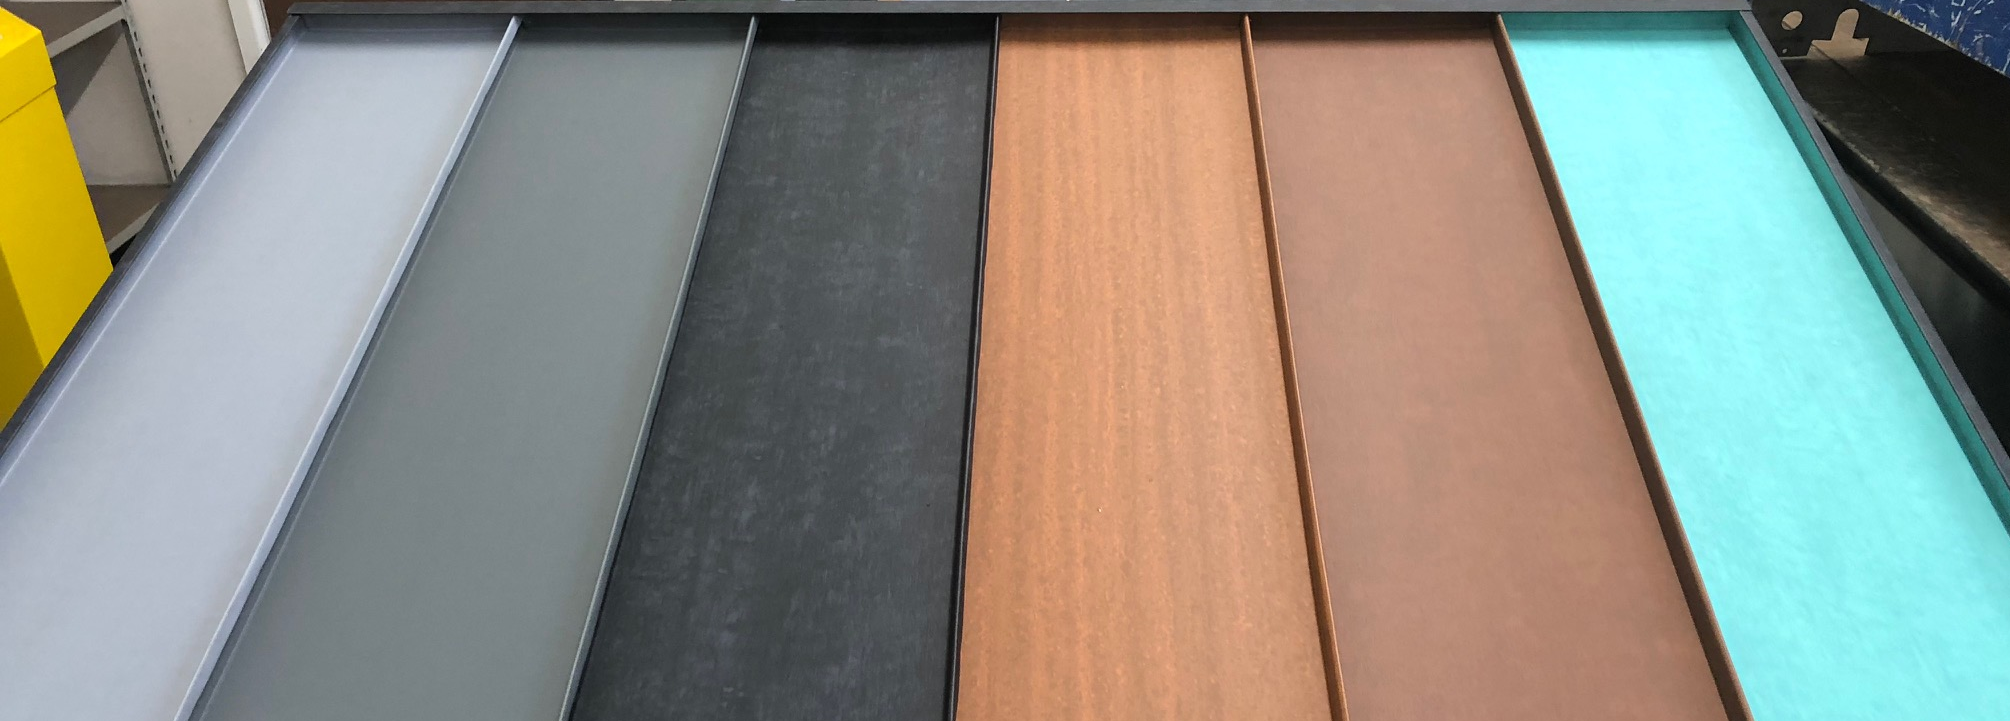 Snaplock® Seam Roof Kit – Aluminium